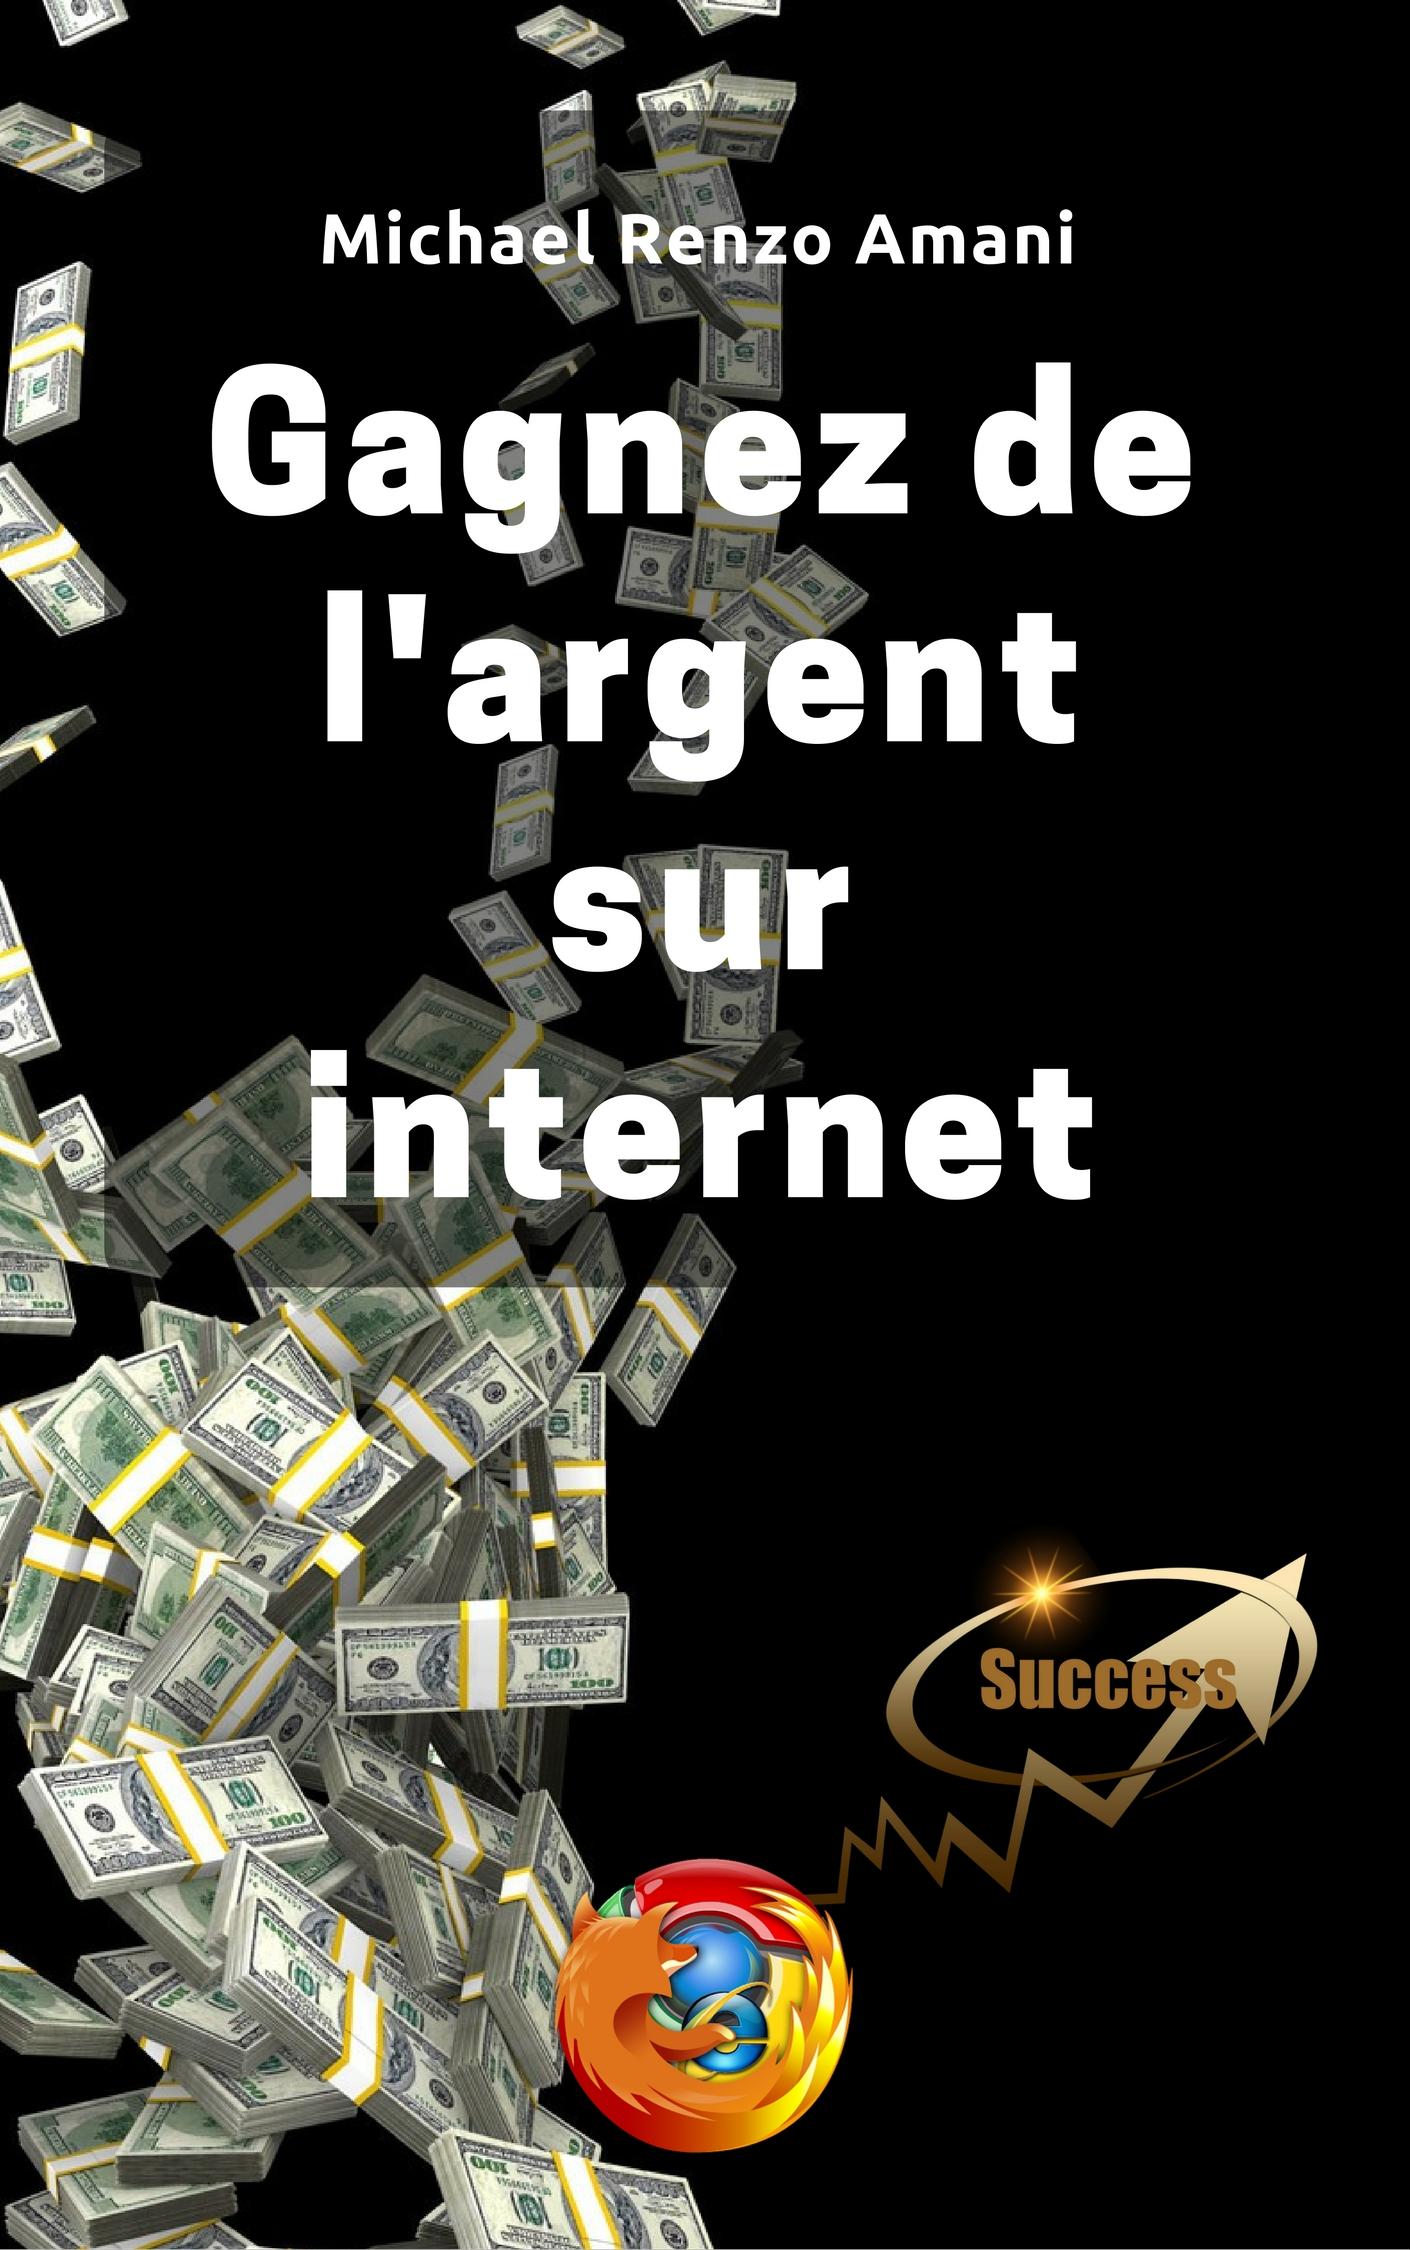 Gagnez de l'argent sur internet